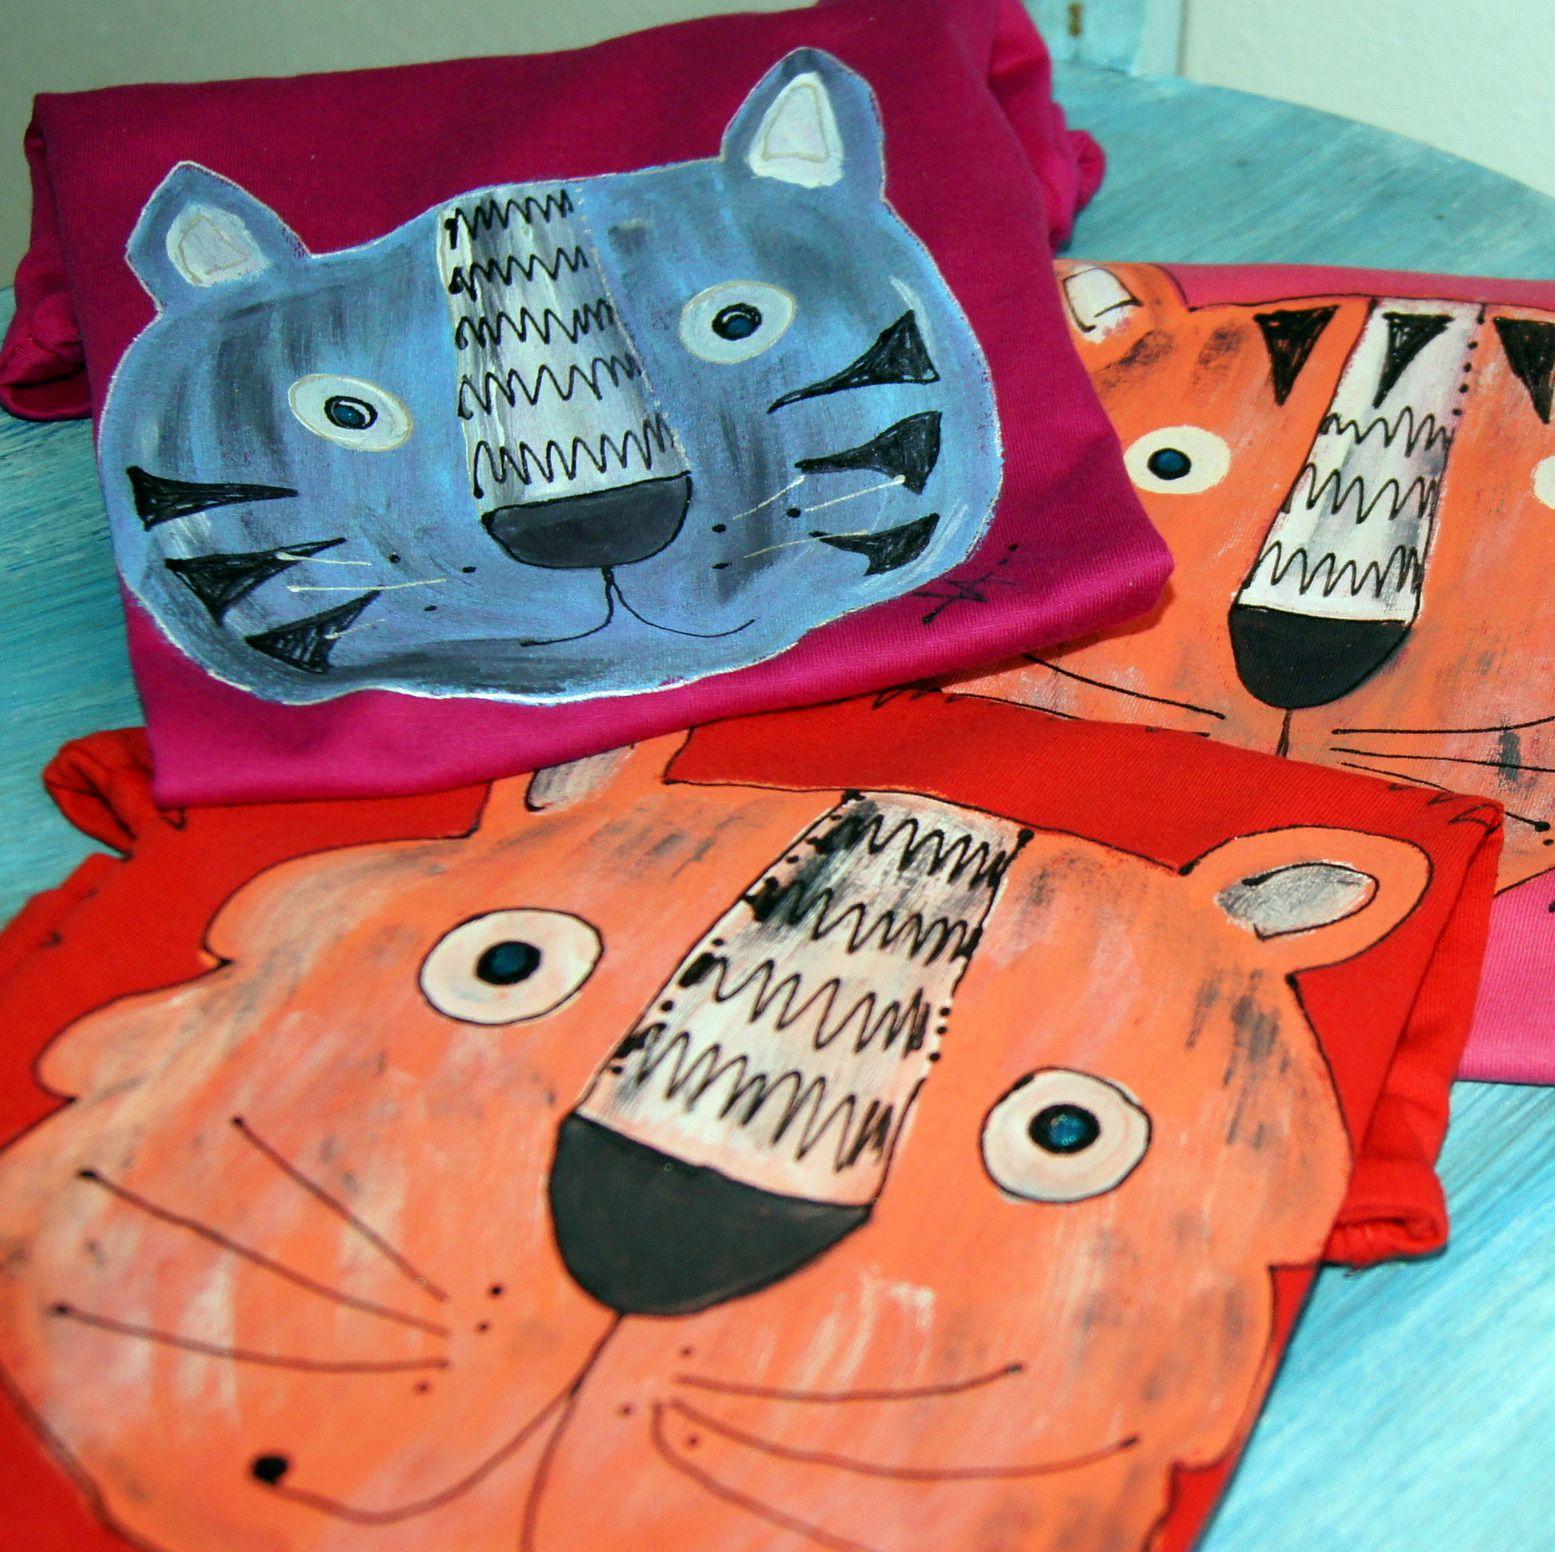 Dětské tríčo s šelmou kočkovitou :) - kvalitní dětské tričko - 100% bavlna -barva a velikost dle dohody, motiv tygr nebo modrokočka :) - ručně malované, signované, tisk originálním razítkem - návod na údržbu bude přiložen, barvy jsou stálé a odolné praní Ptejte se na aktuální dostupnost!